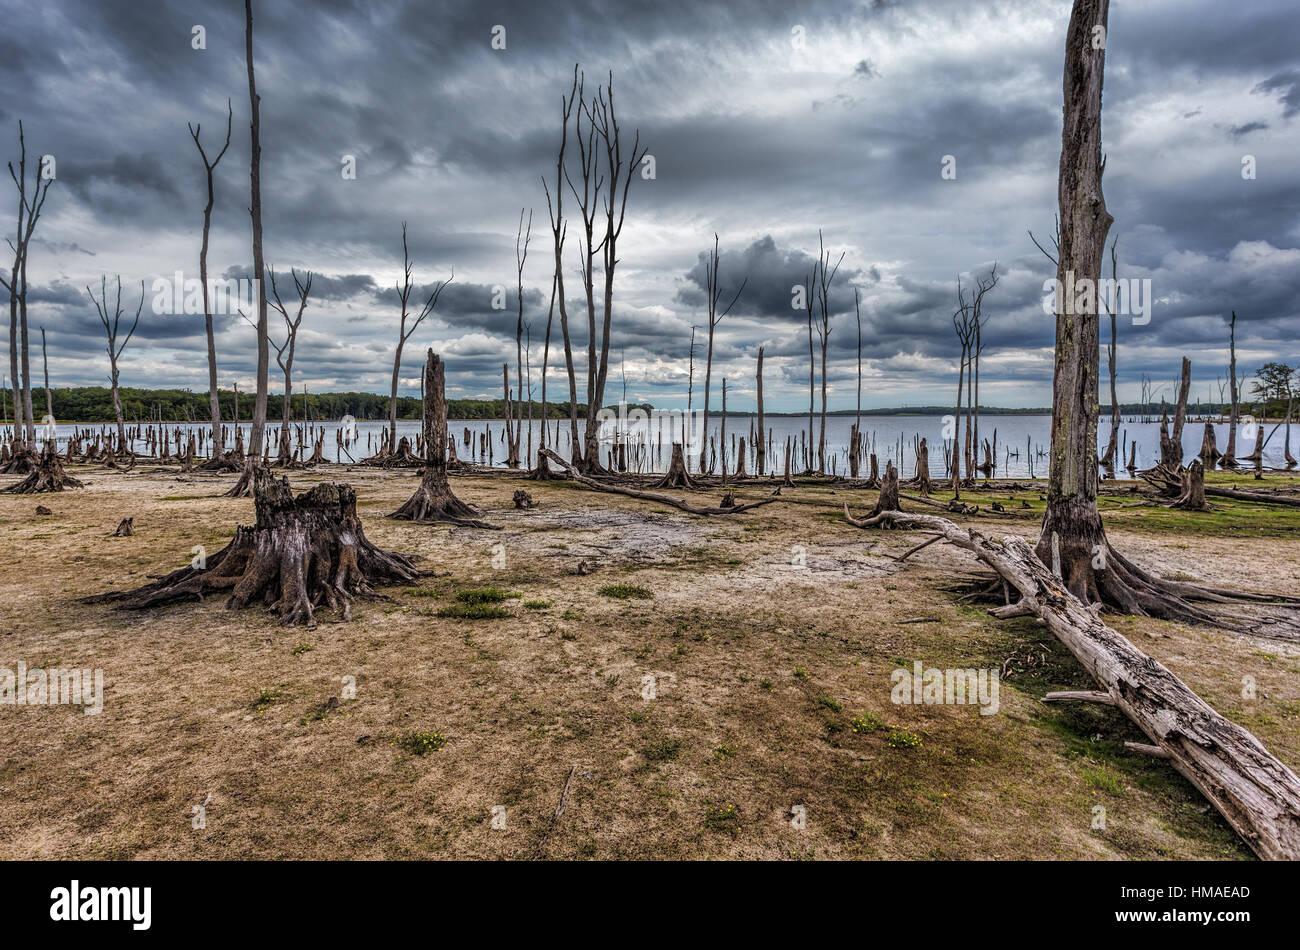 Arbres morts dans la forêt autour d'un lac avec de faibles niveaux d'eau. Cette photo montre les conditions Photo Stock